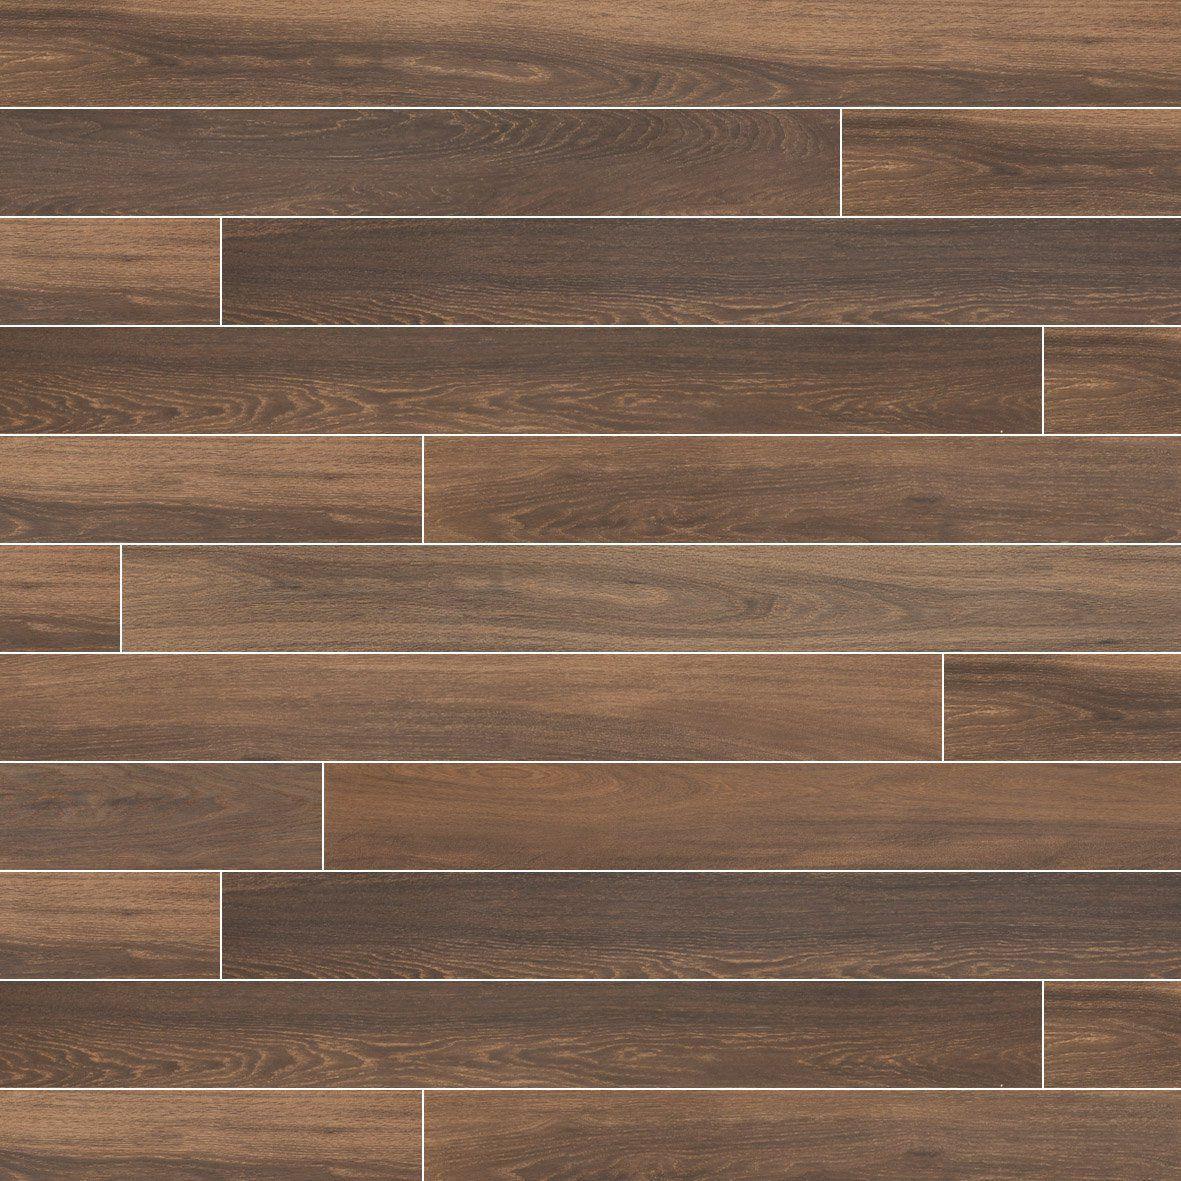 Jardim Botanico Wood Tile Texture Wood Floor Texture Tiles Texture